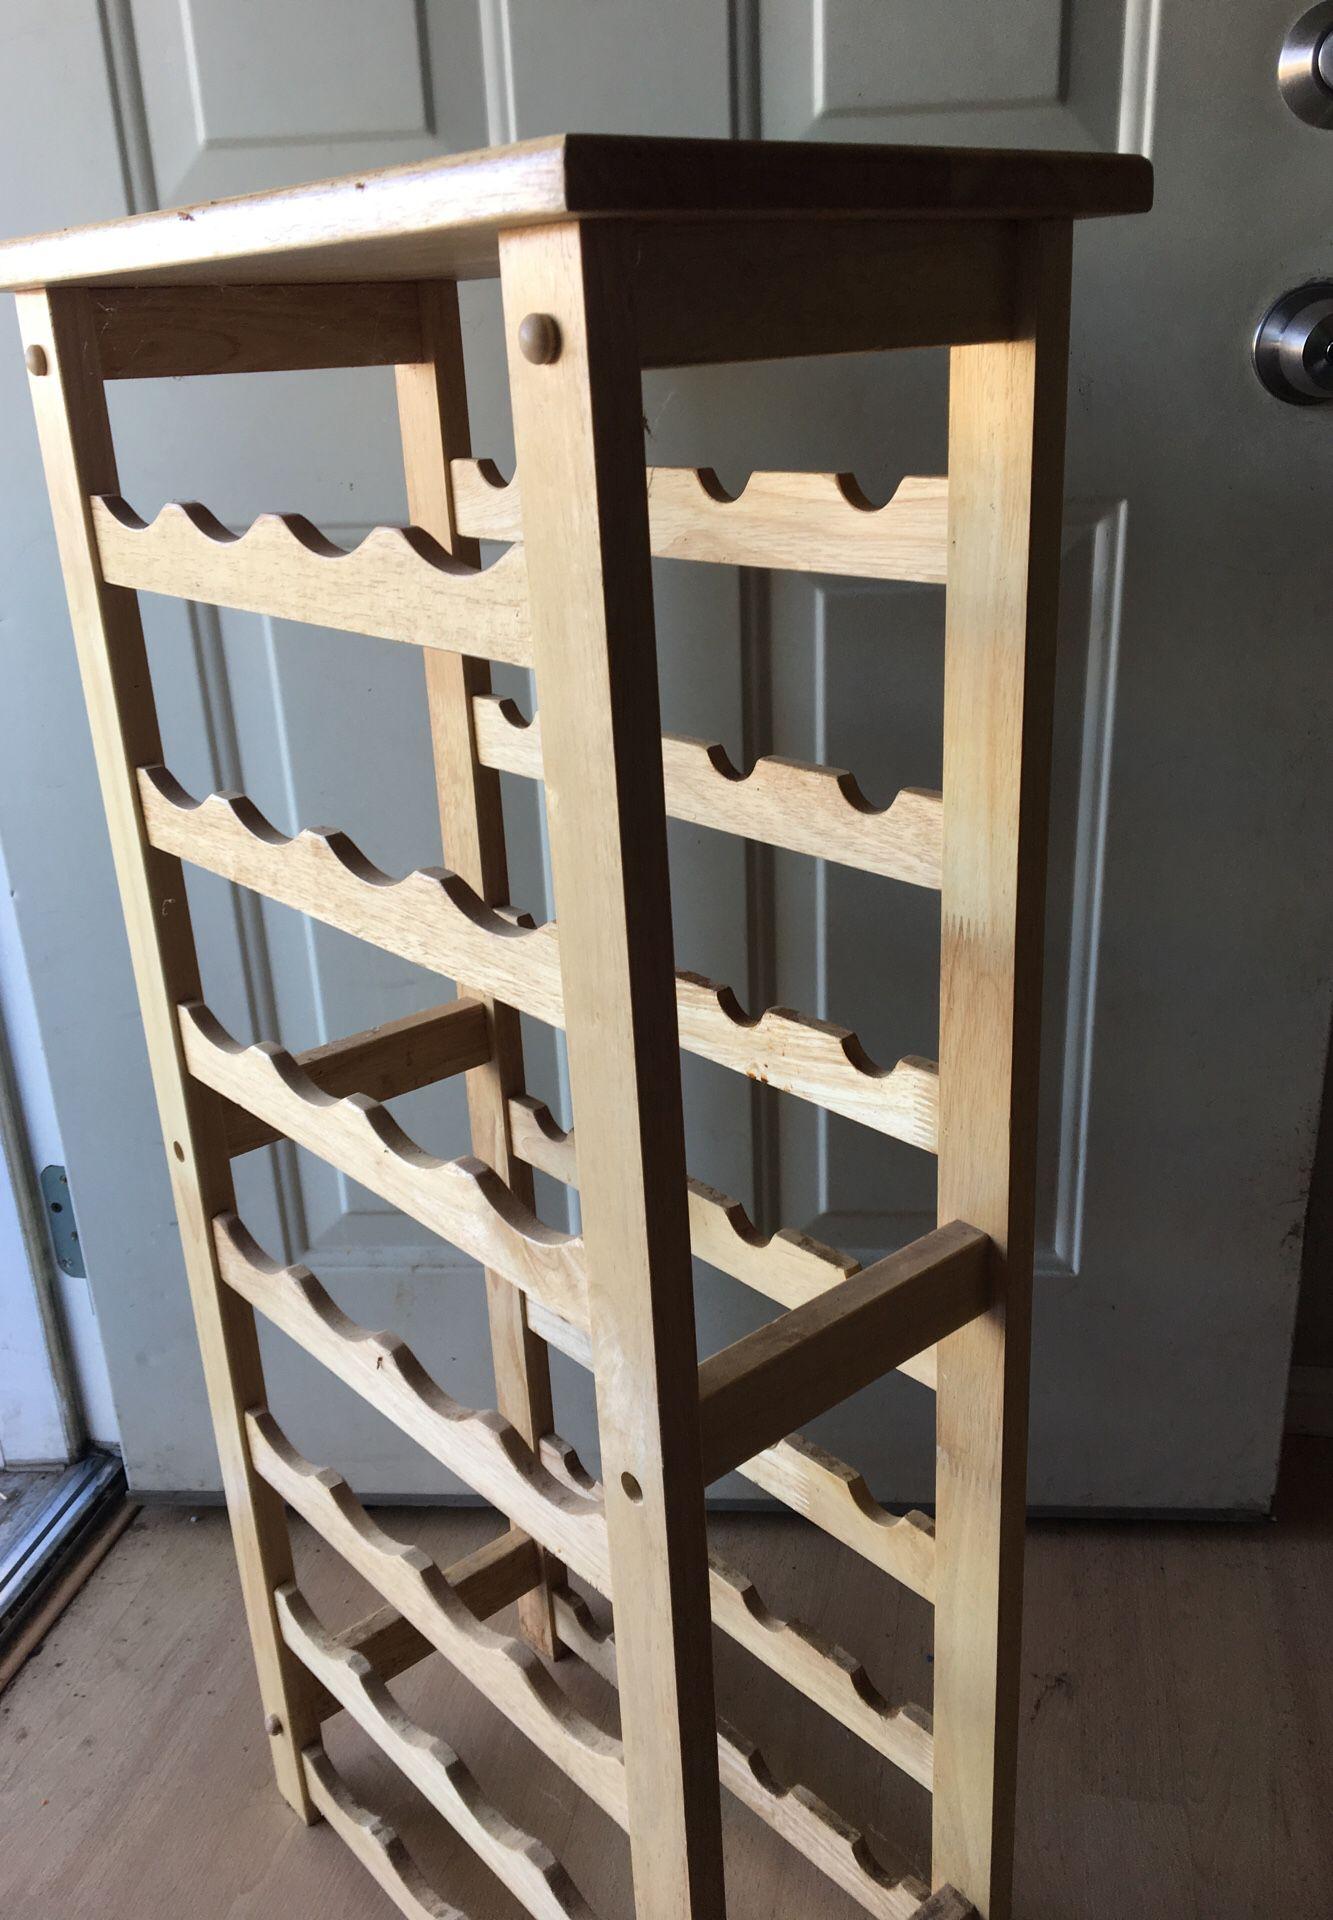 Wooden Wine rack 2ft tall 1.5 width holds 28 wine bottles